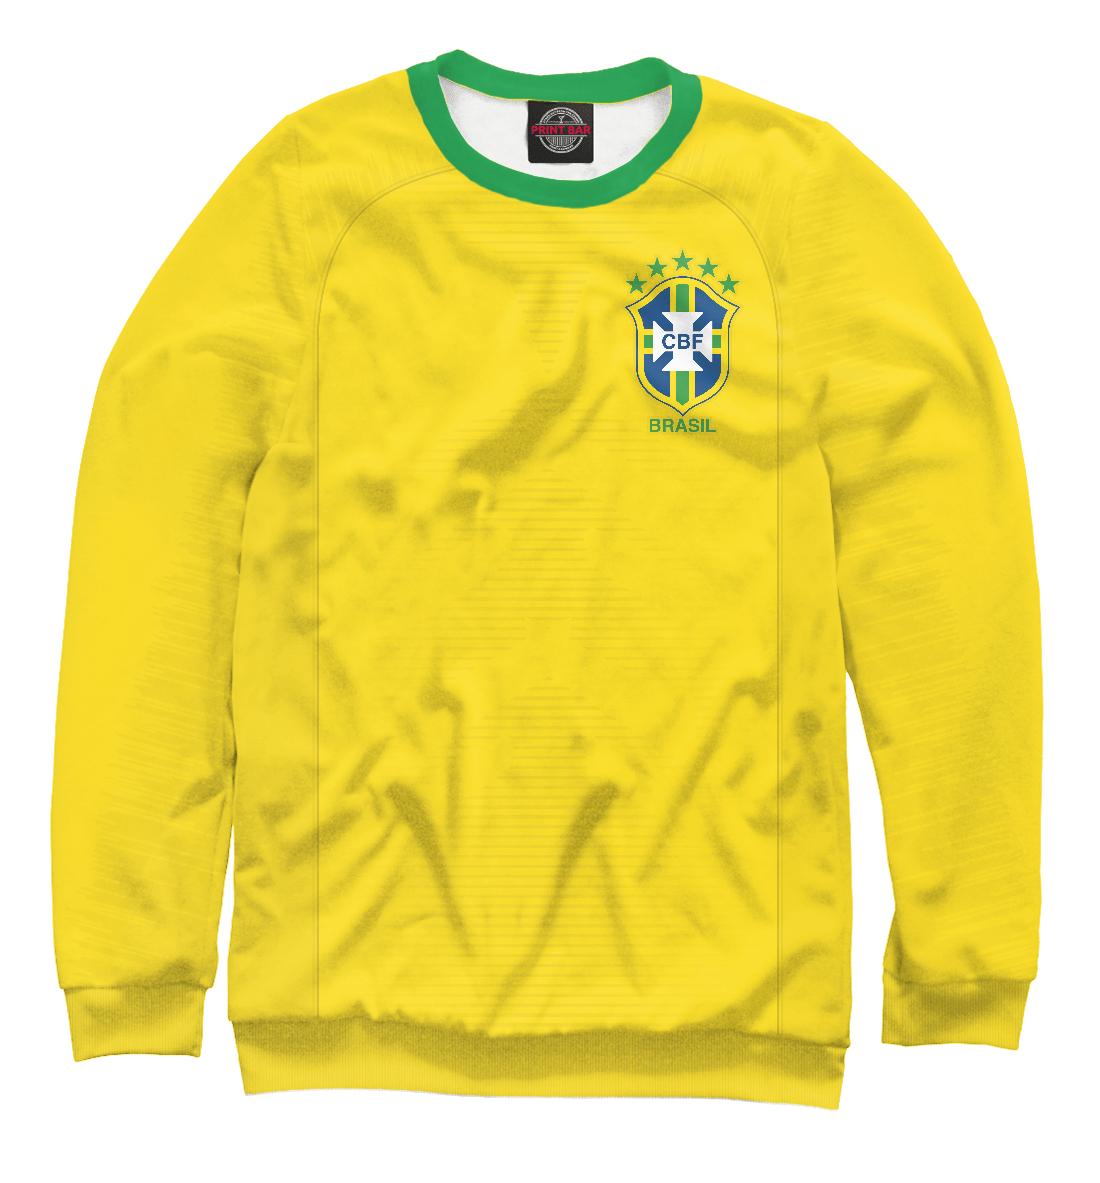 Купить Форма Сборной Бразилии 2018, Printbar, Свитшоты, FNS-723130-swi-2